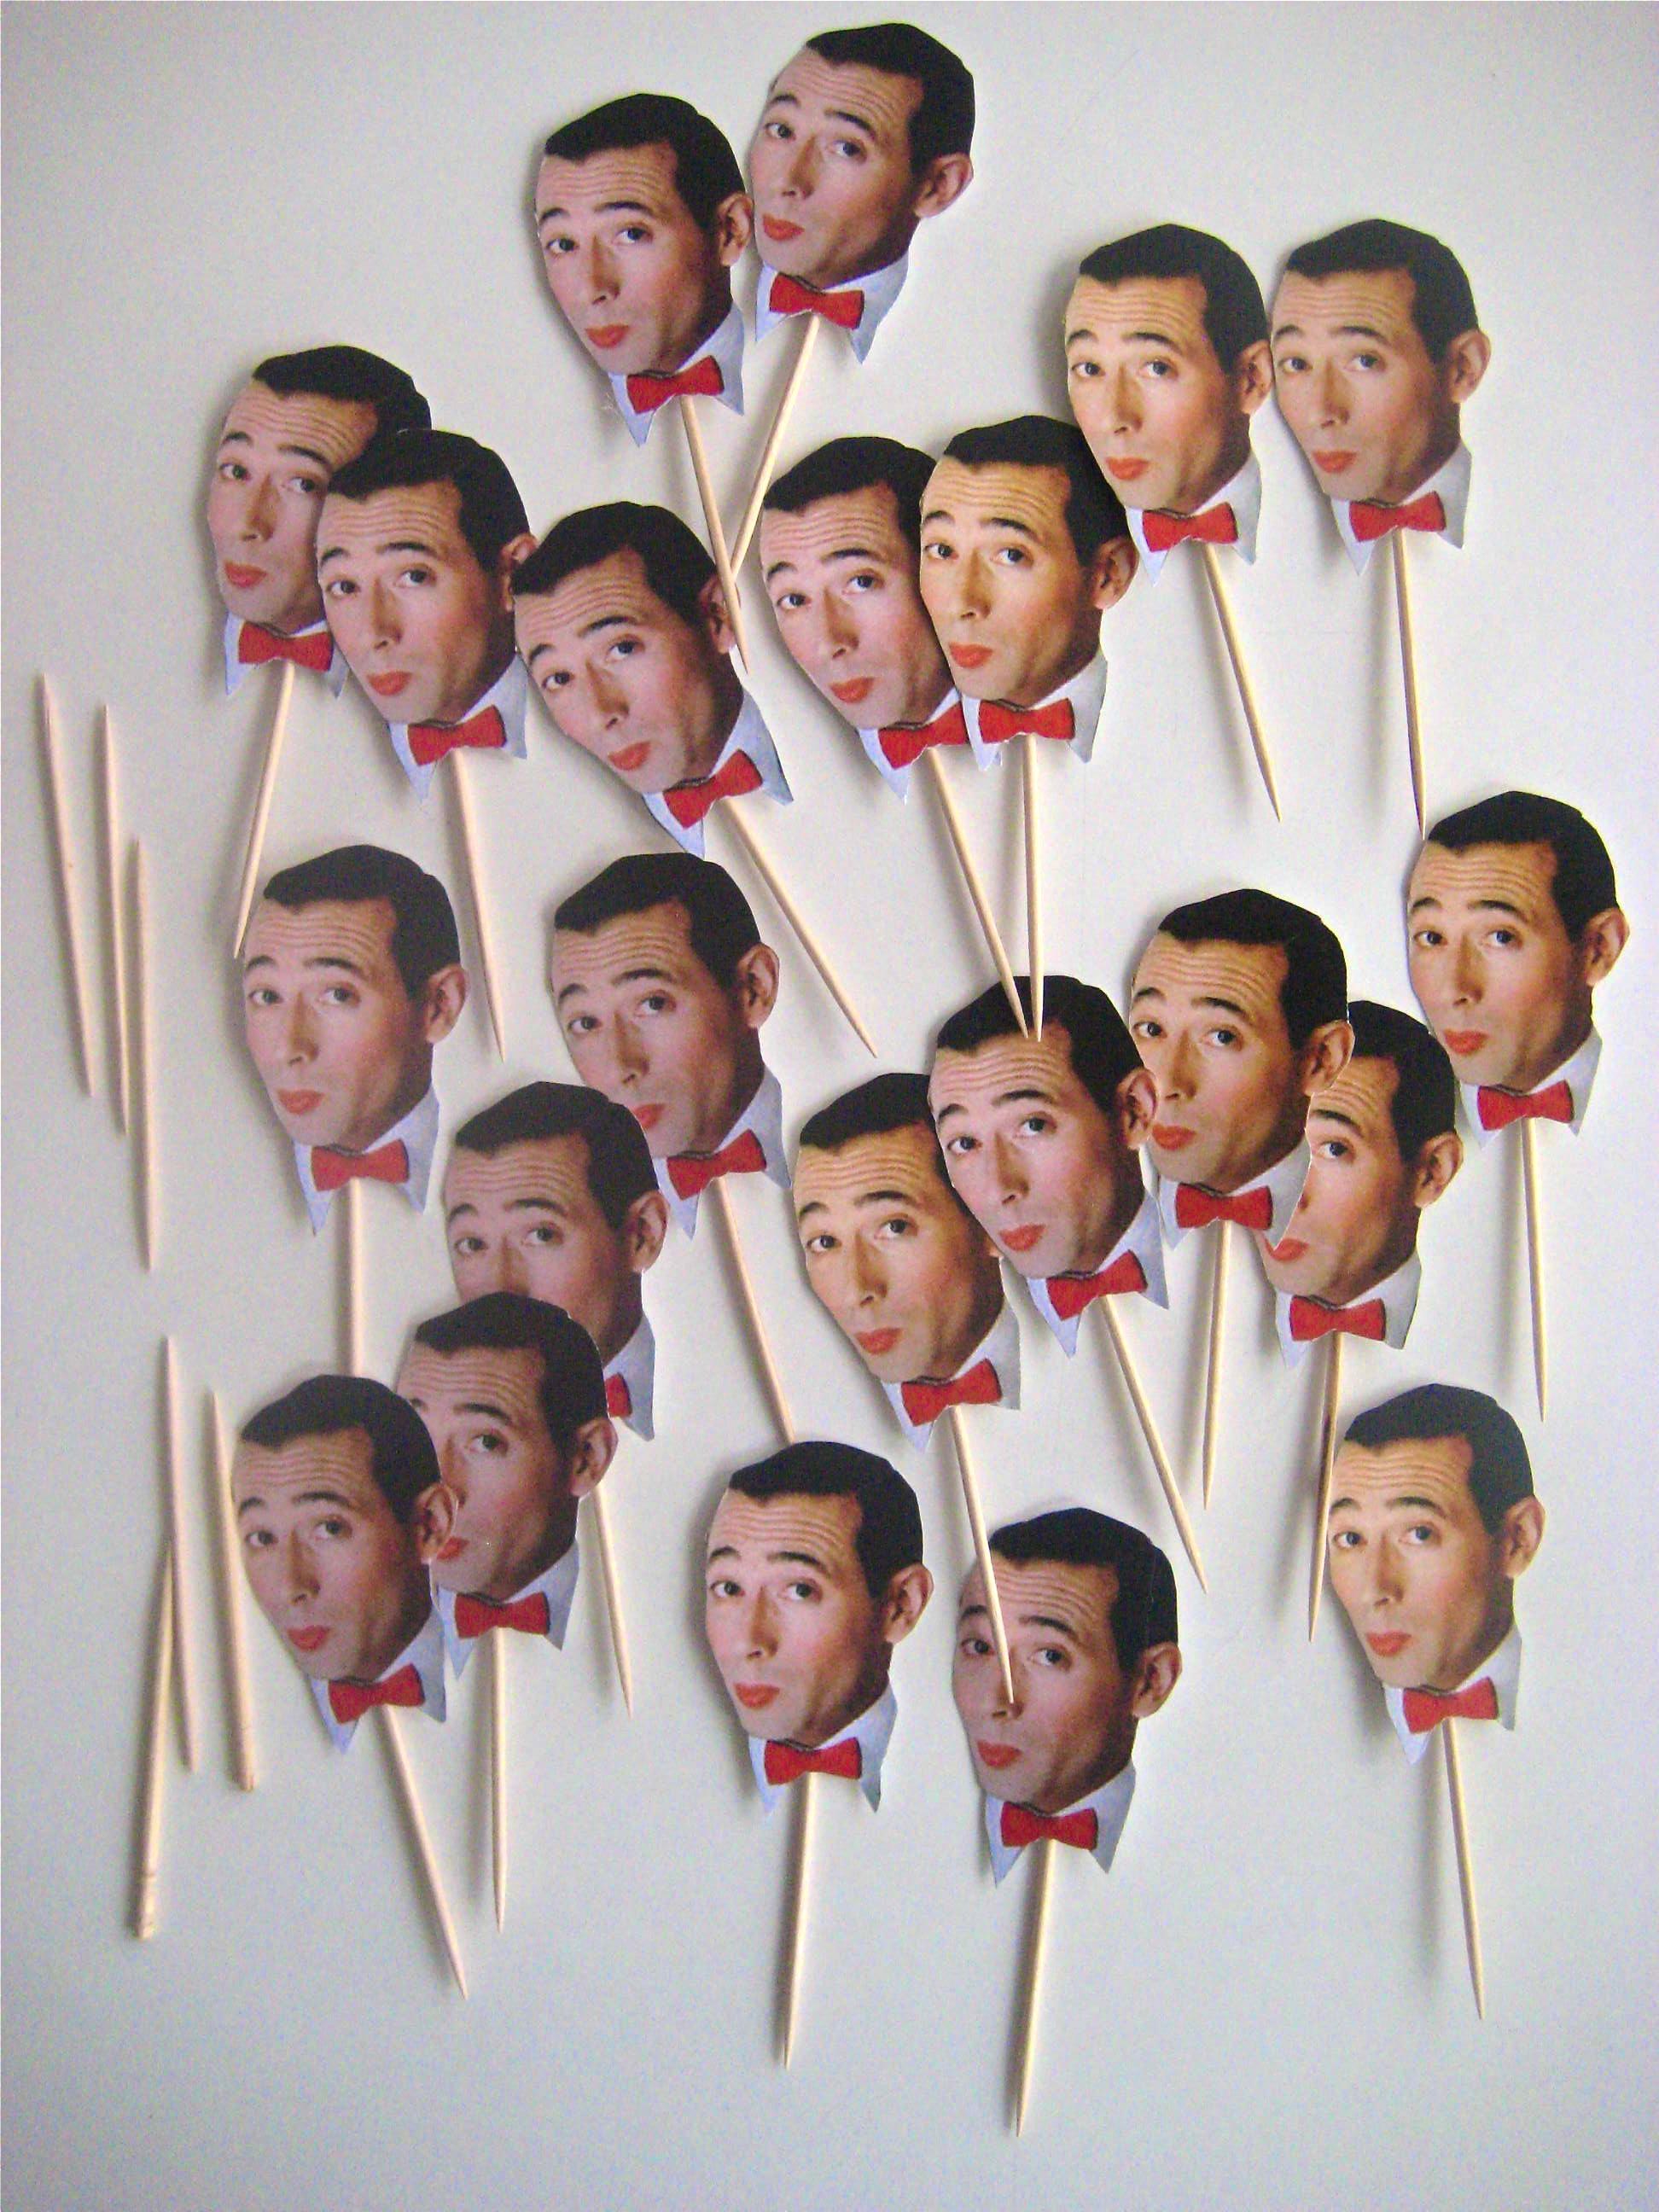 Pee-Wee-Toothpicks-Super-Make-It